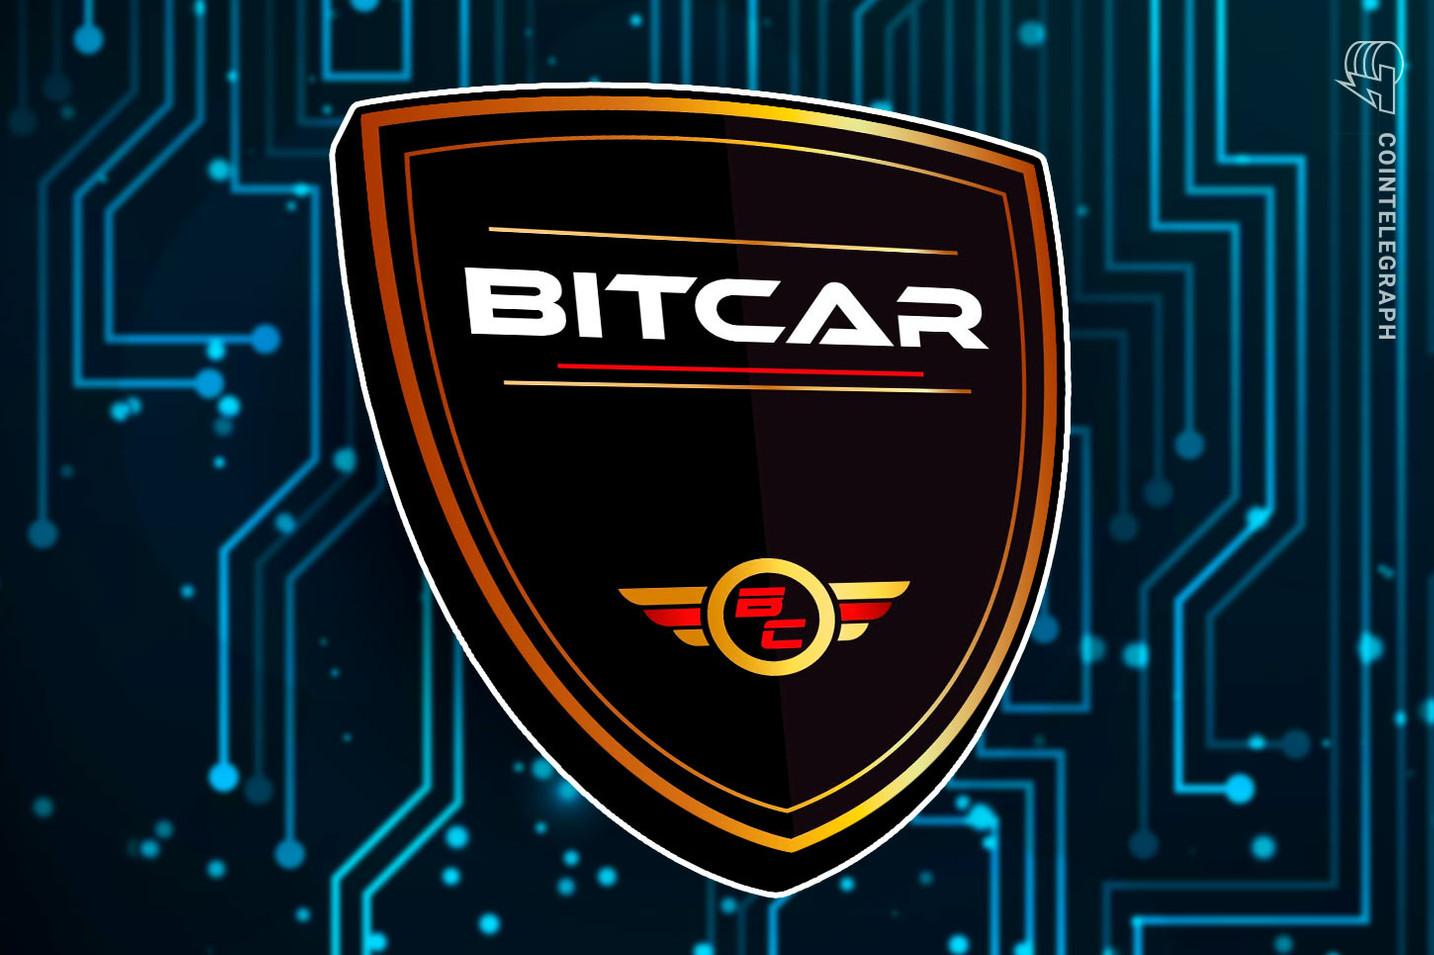 BitCar announces airdrop programme